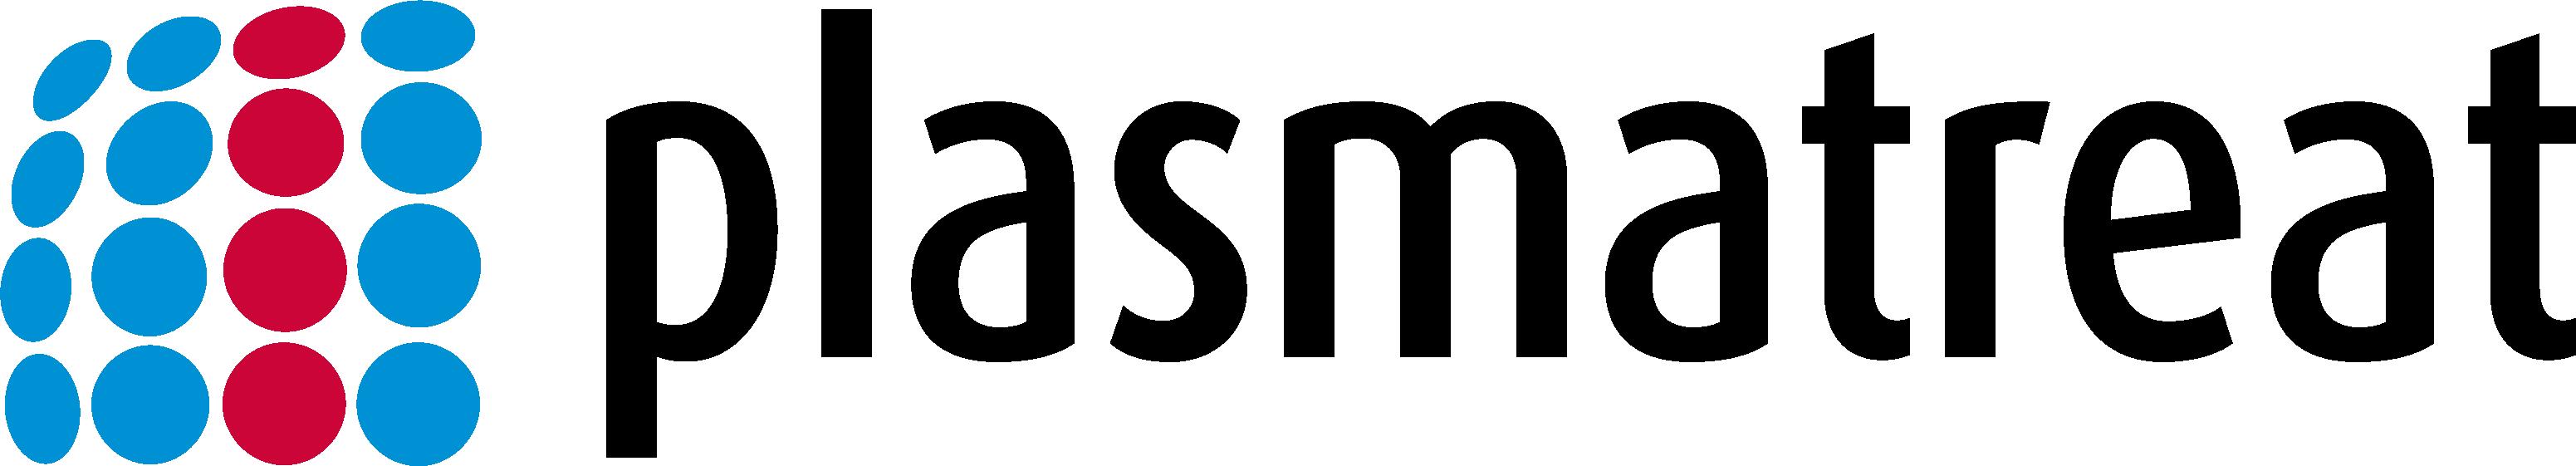 Karriere - Stellenangebote I Plasmatreat GmbH